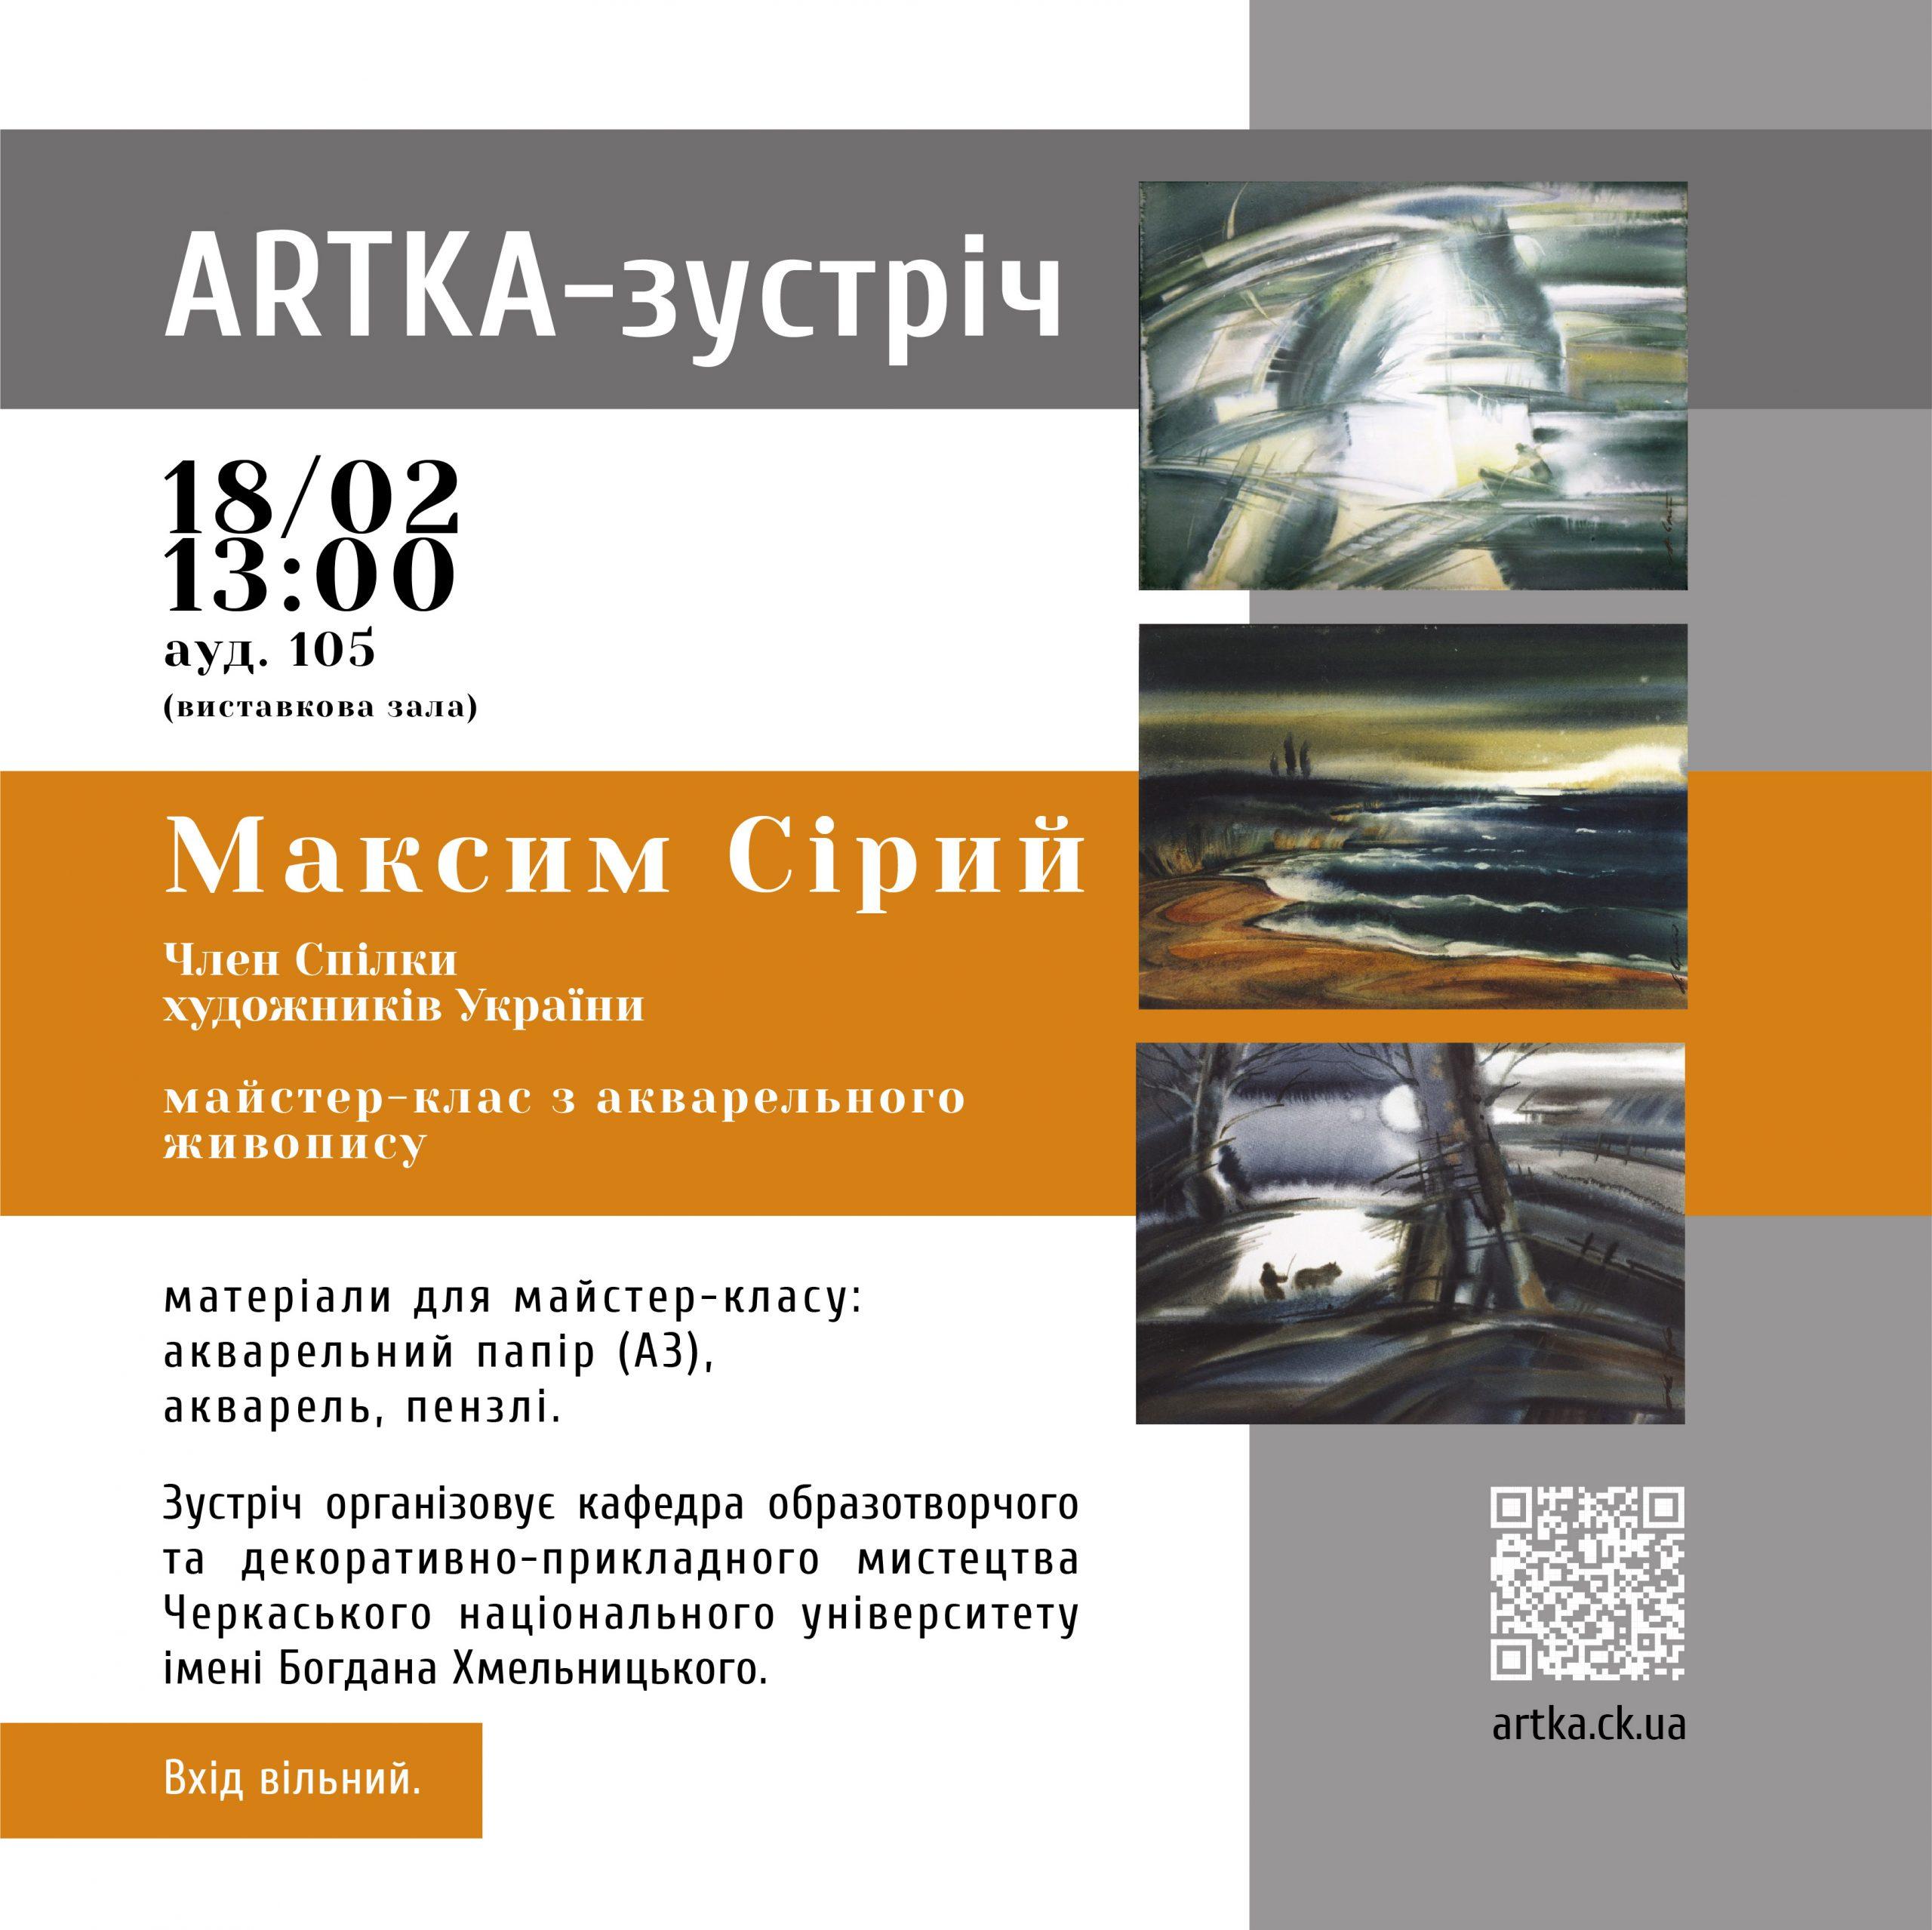 Артка-Зустріч: Акварельний живопис з Максимом Сірим